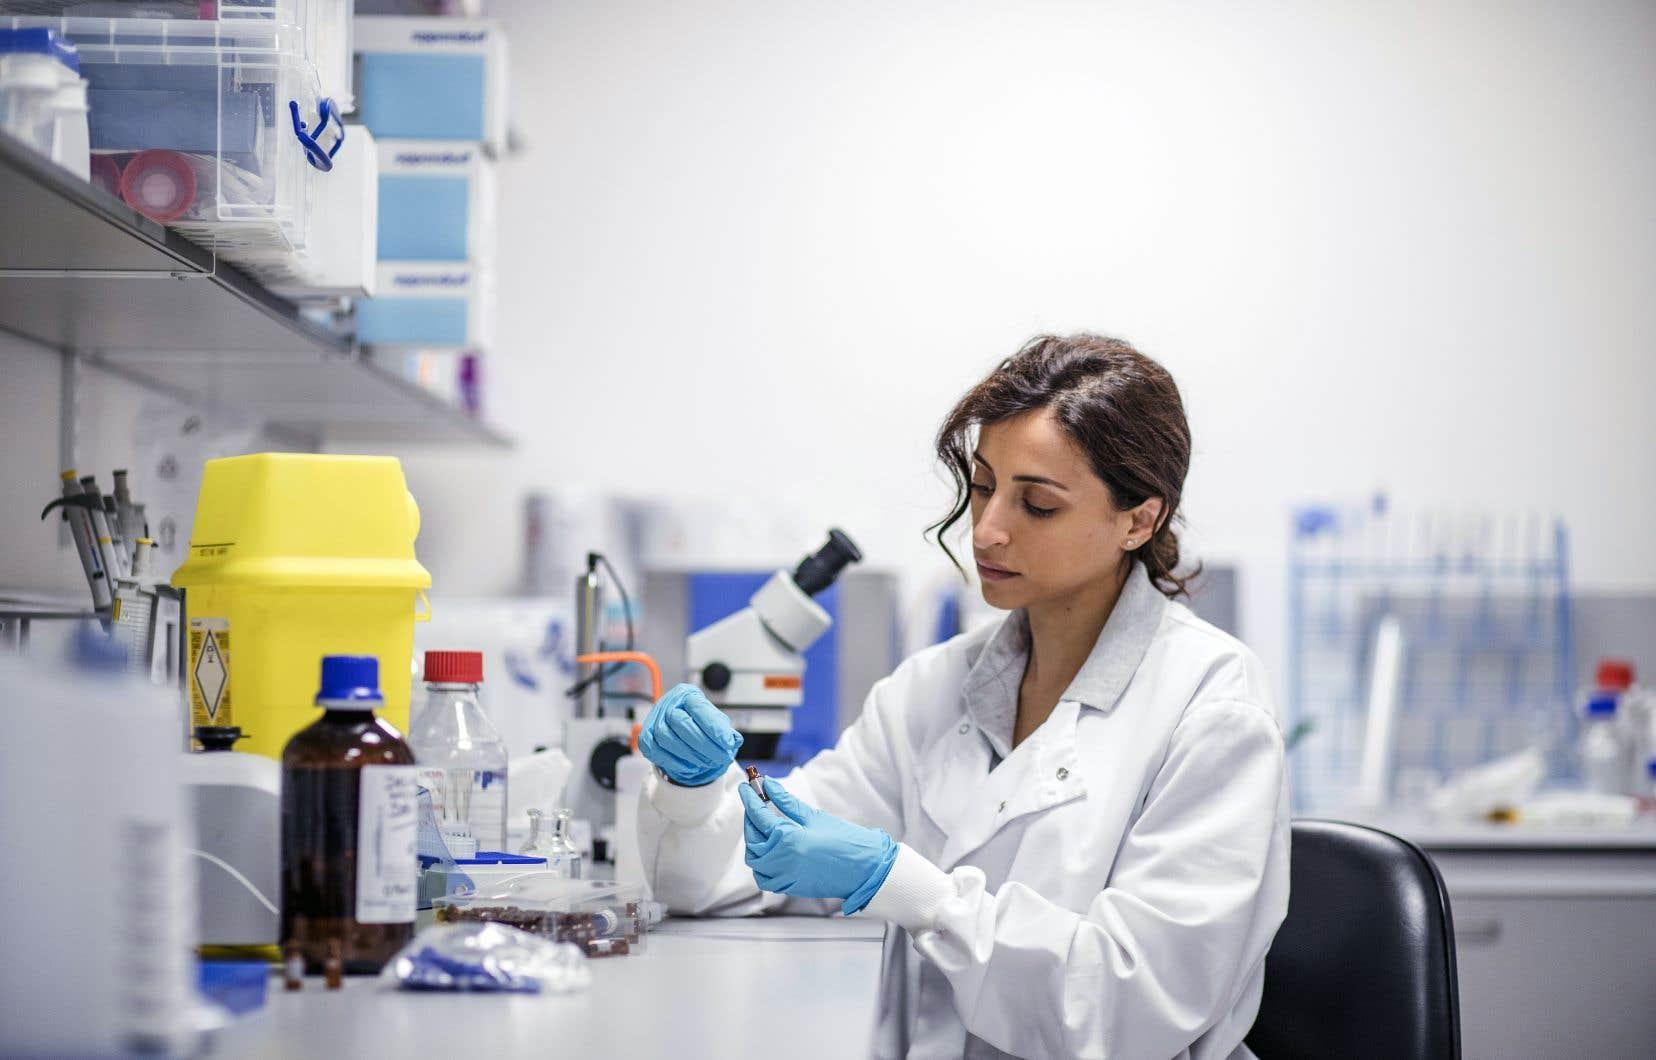 Québec donne le feu vert à la relance des activités des activités de recherche, en conformité avec les directives de la santé publique et de la santé et sécurité au travail.